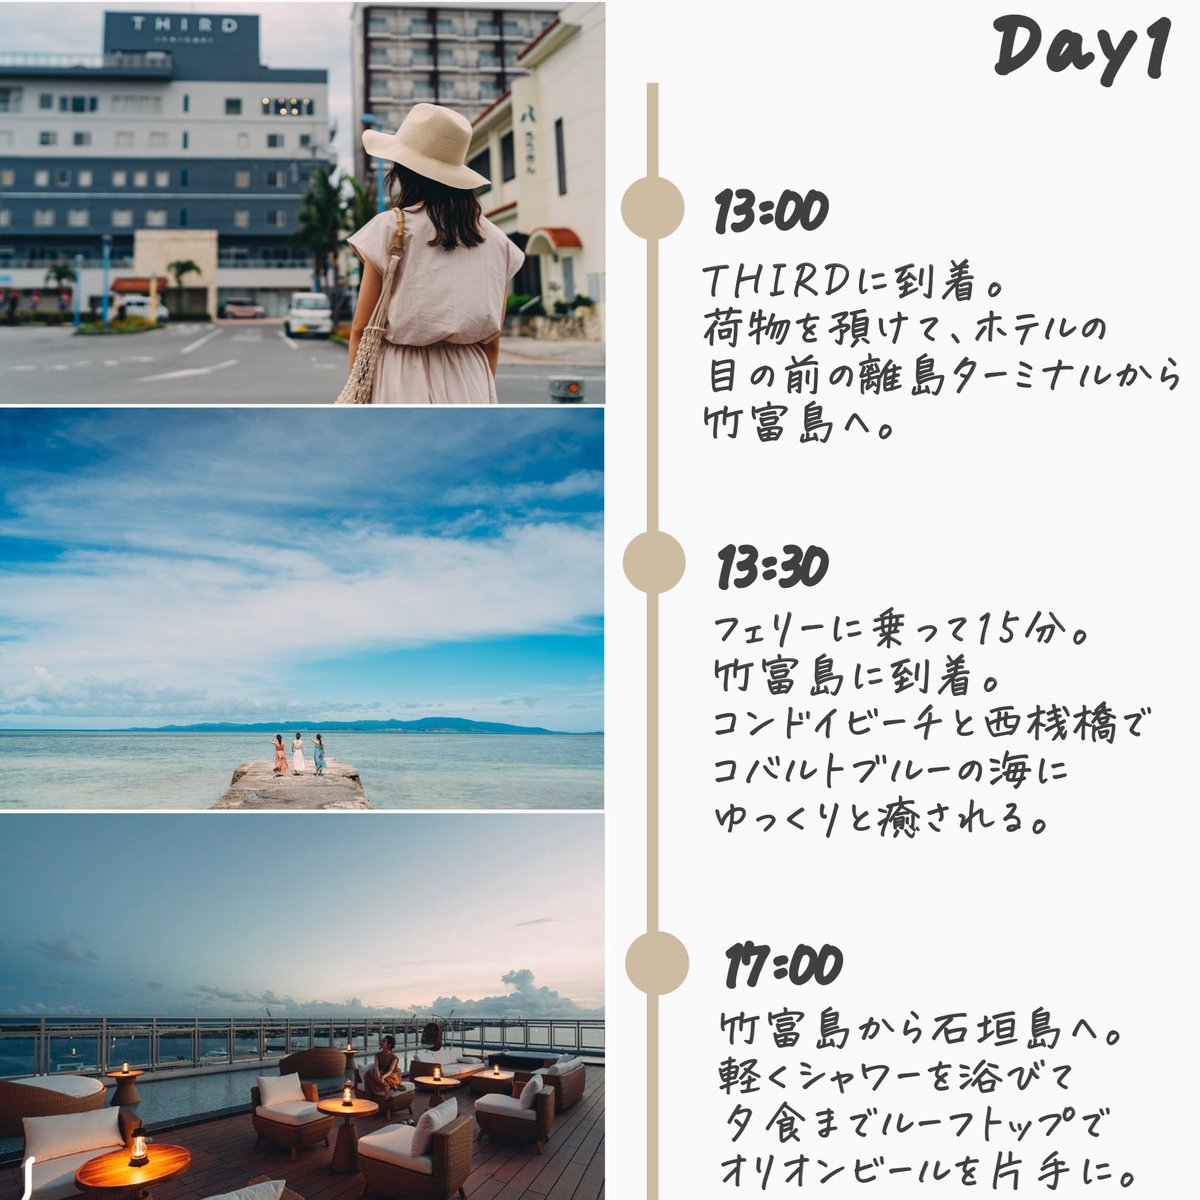 2泊3日で120%楽しむ石垣島旅行プラン!食事処も完璧!